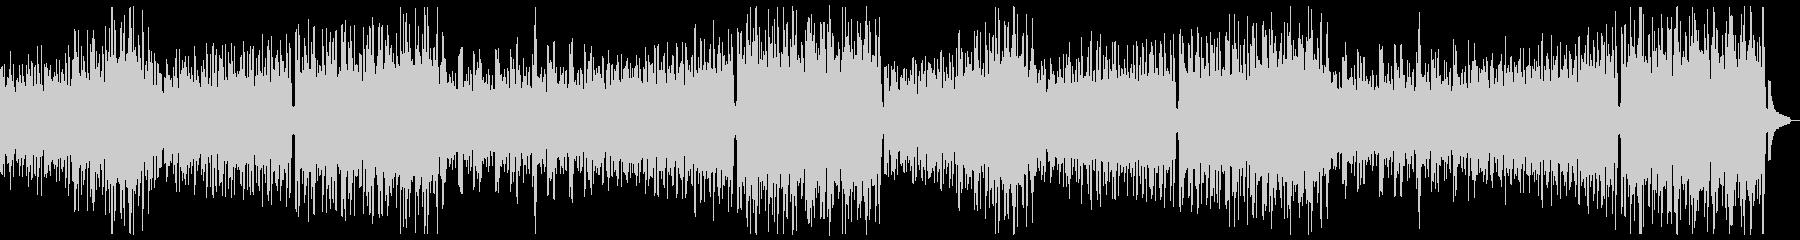 うきうき陽気なオーケストラx2の未再生の波形